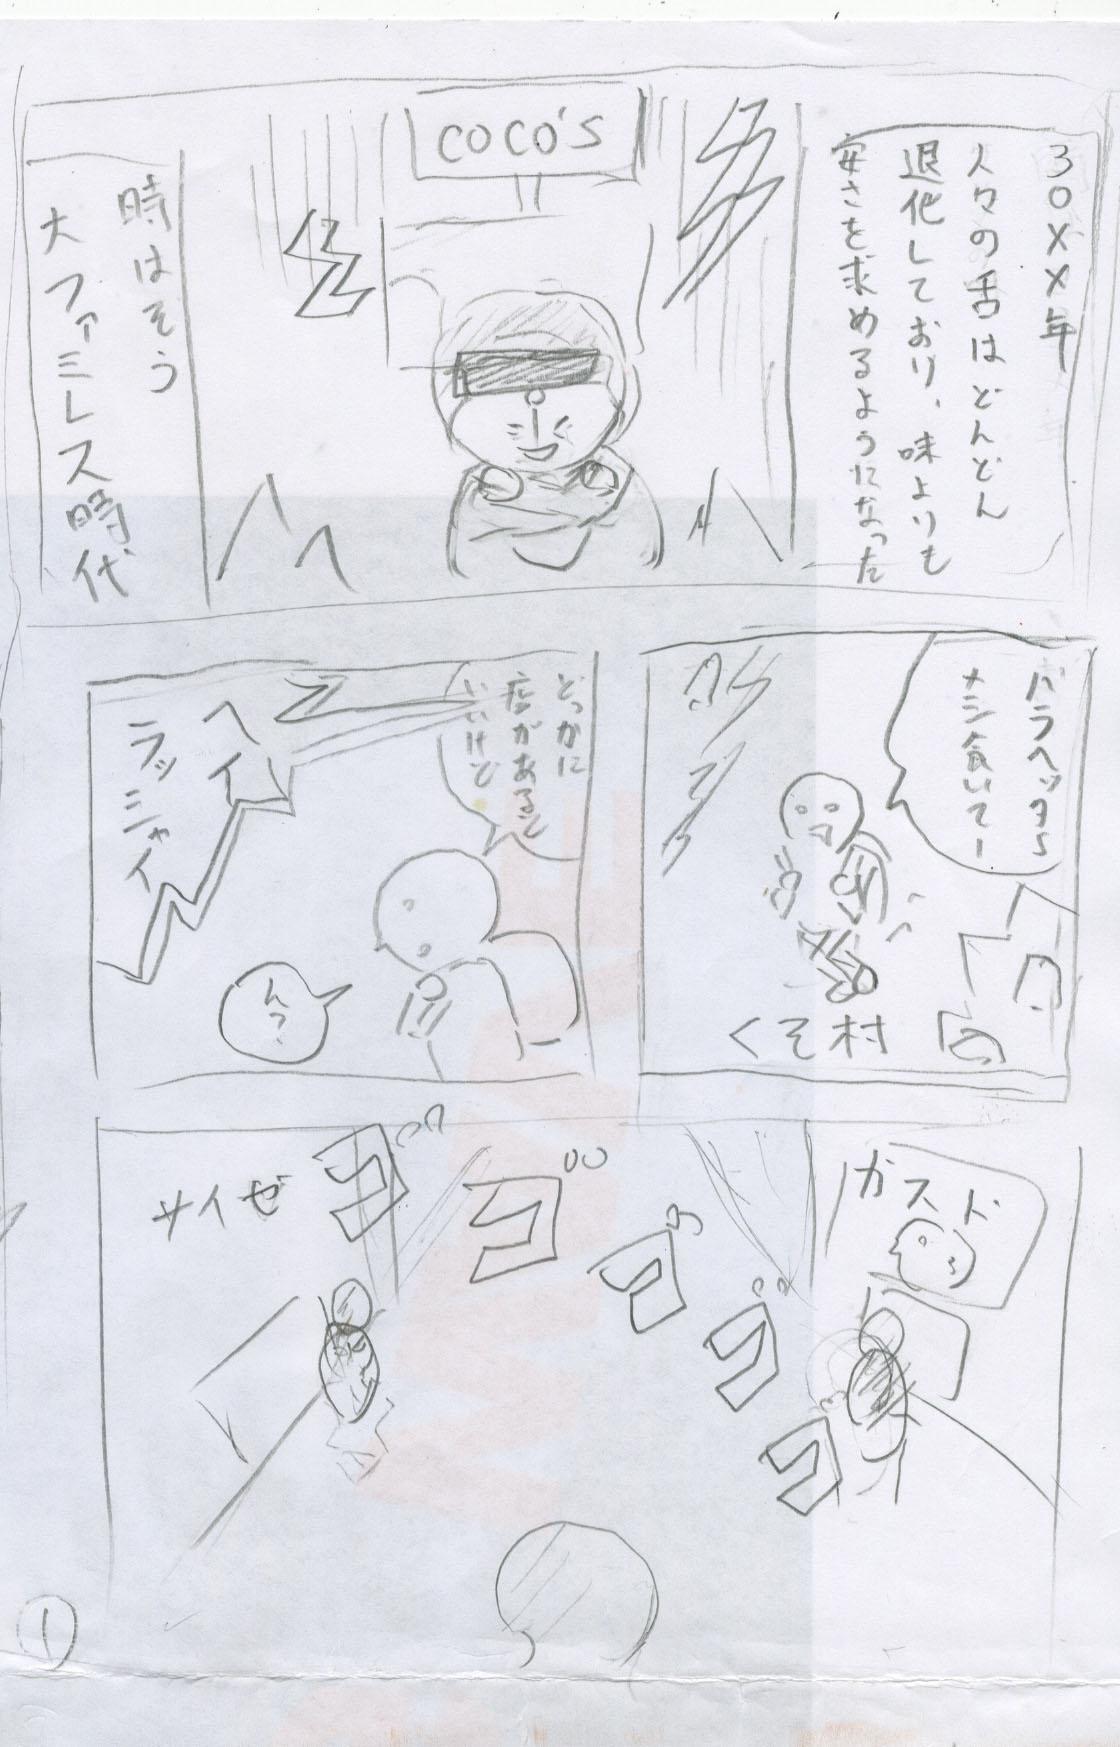 ふぁみれす!1